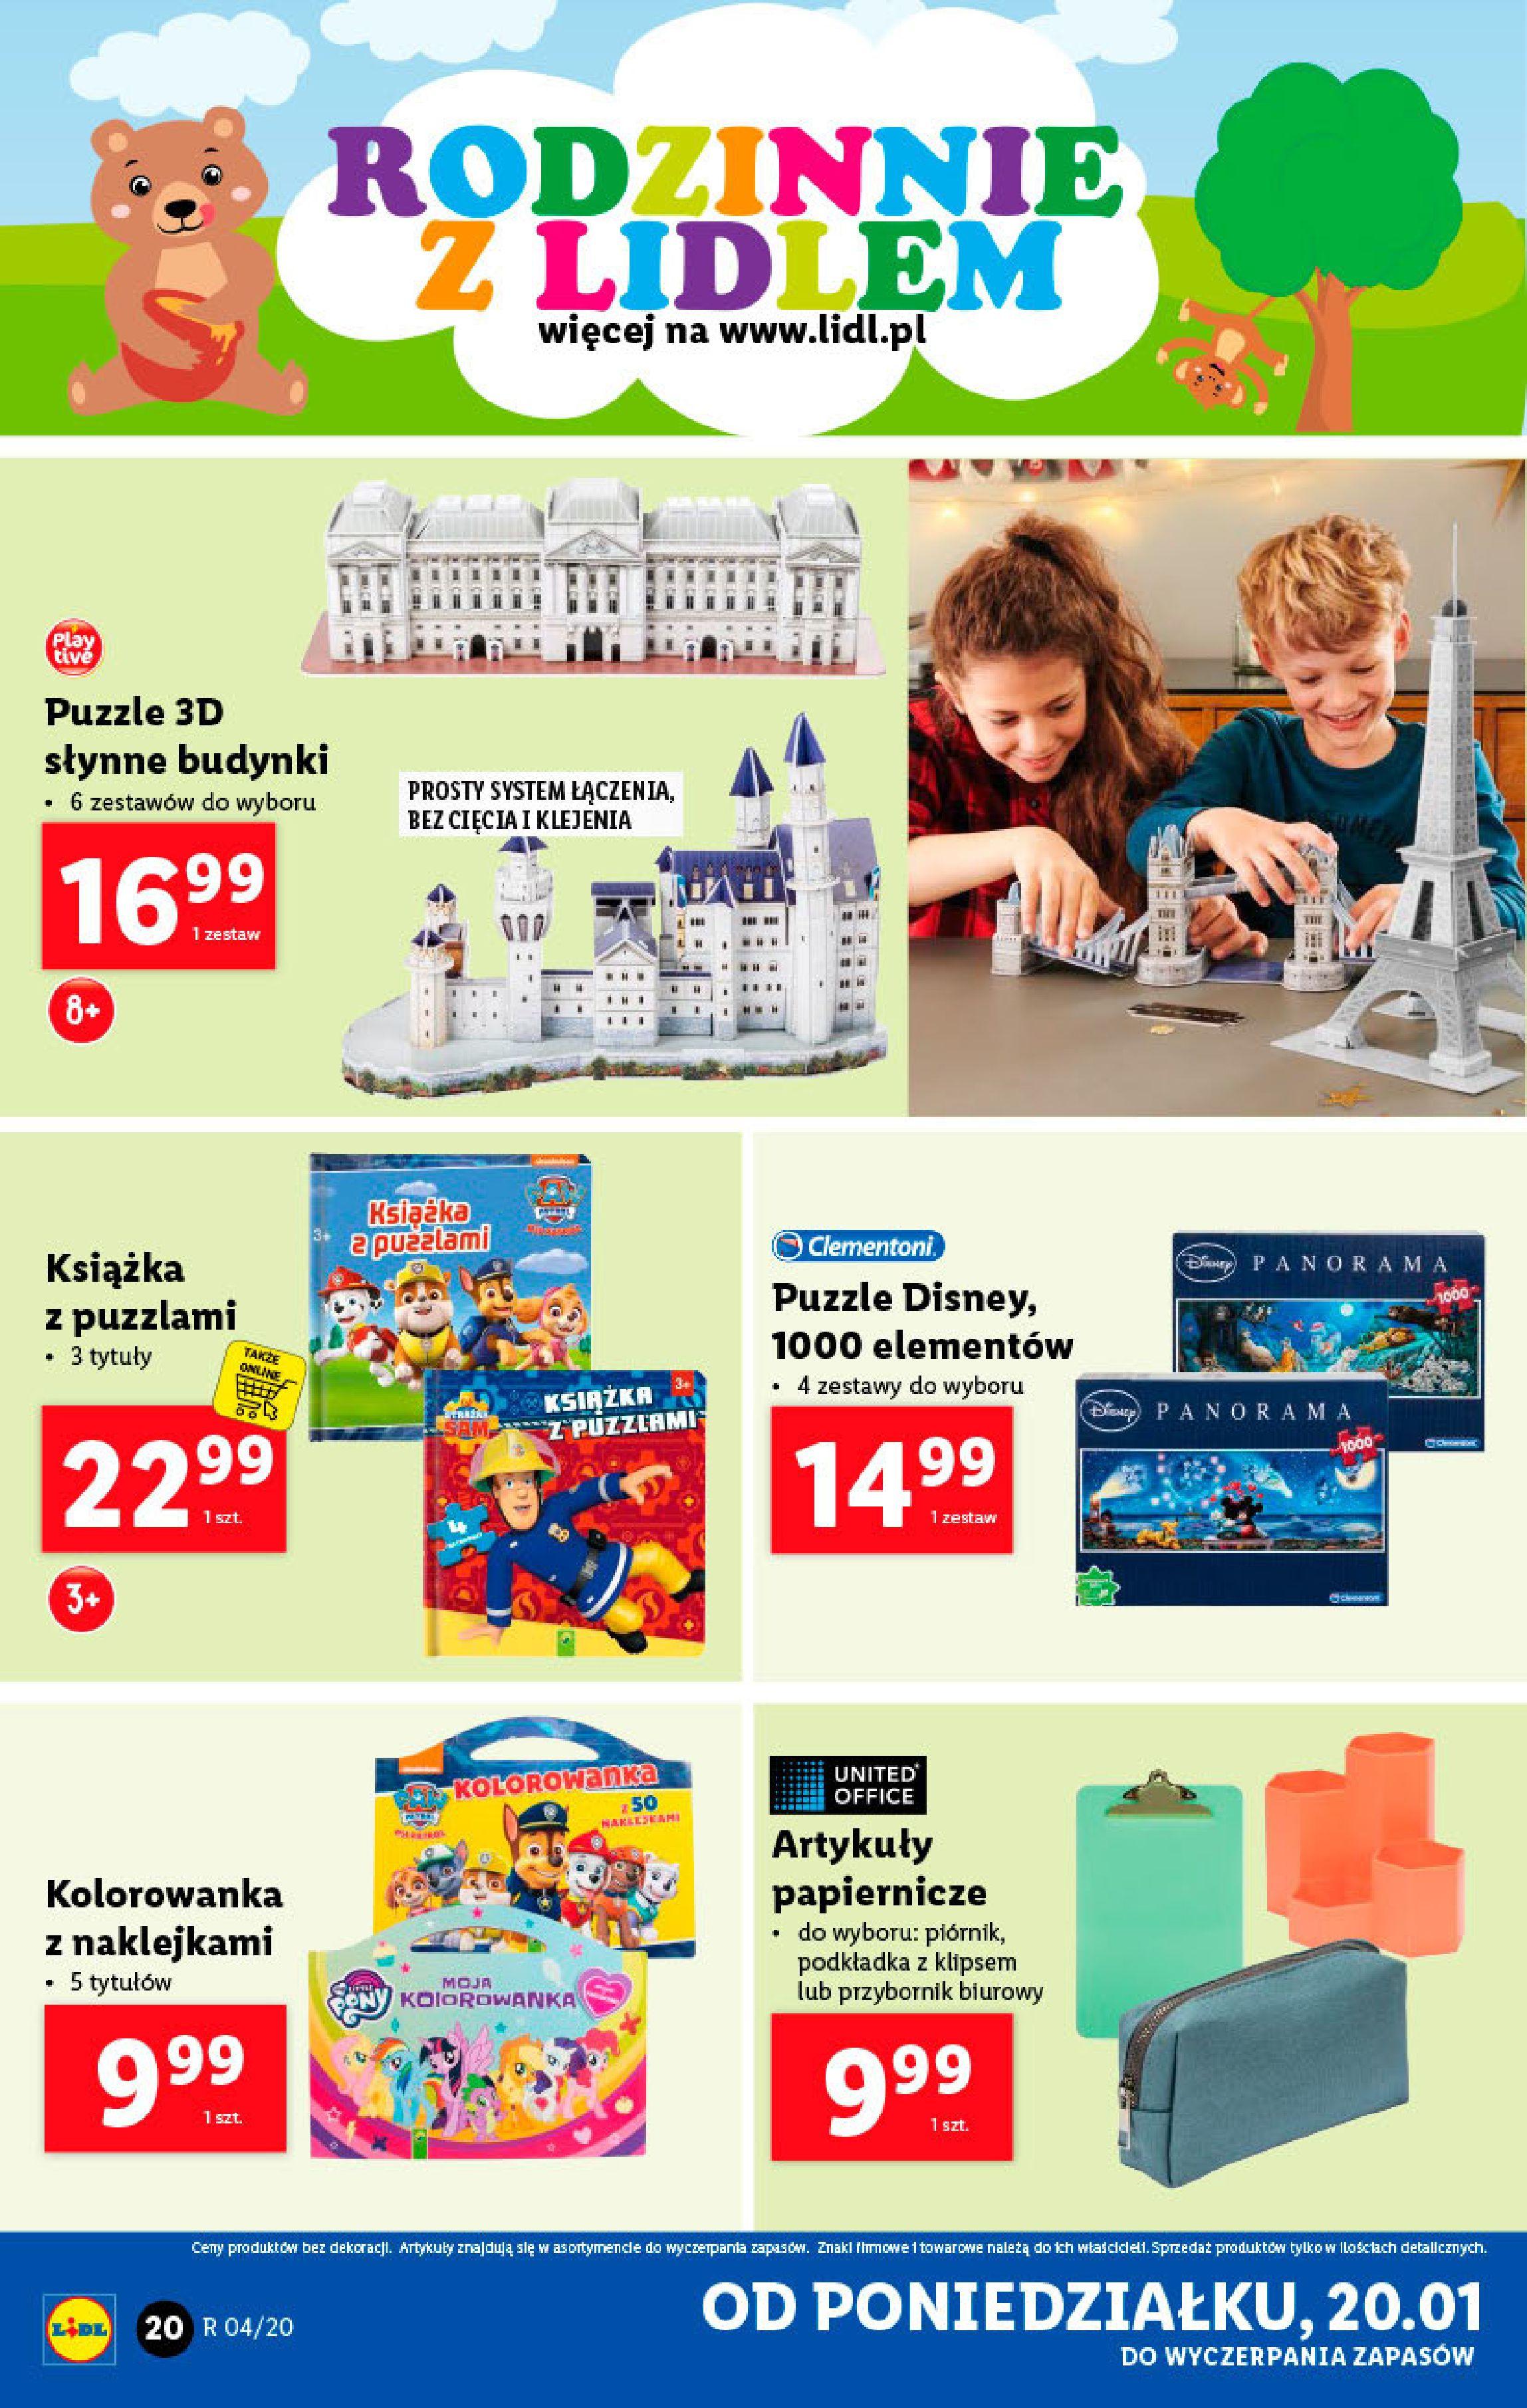 Gazetka Lidl - Katalog od poniedziałku-19.01.2020-26.01.2020-page-20